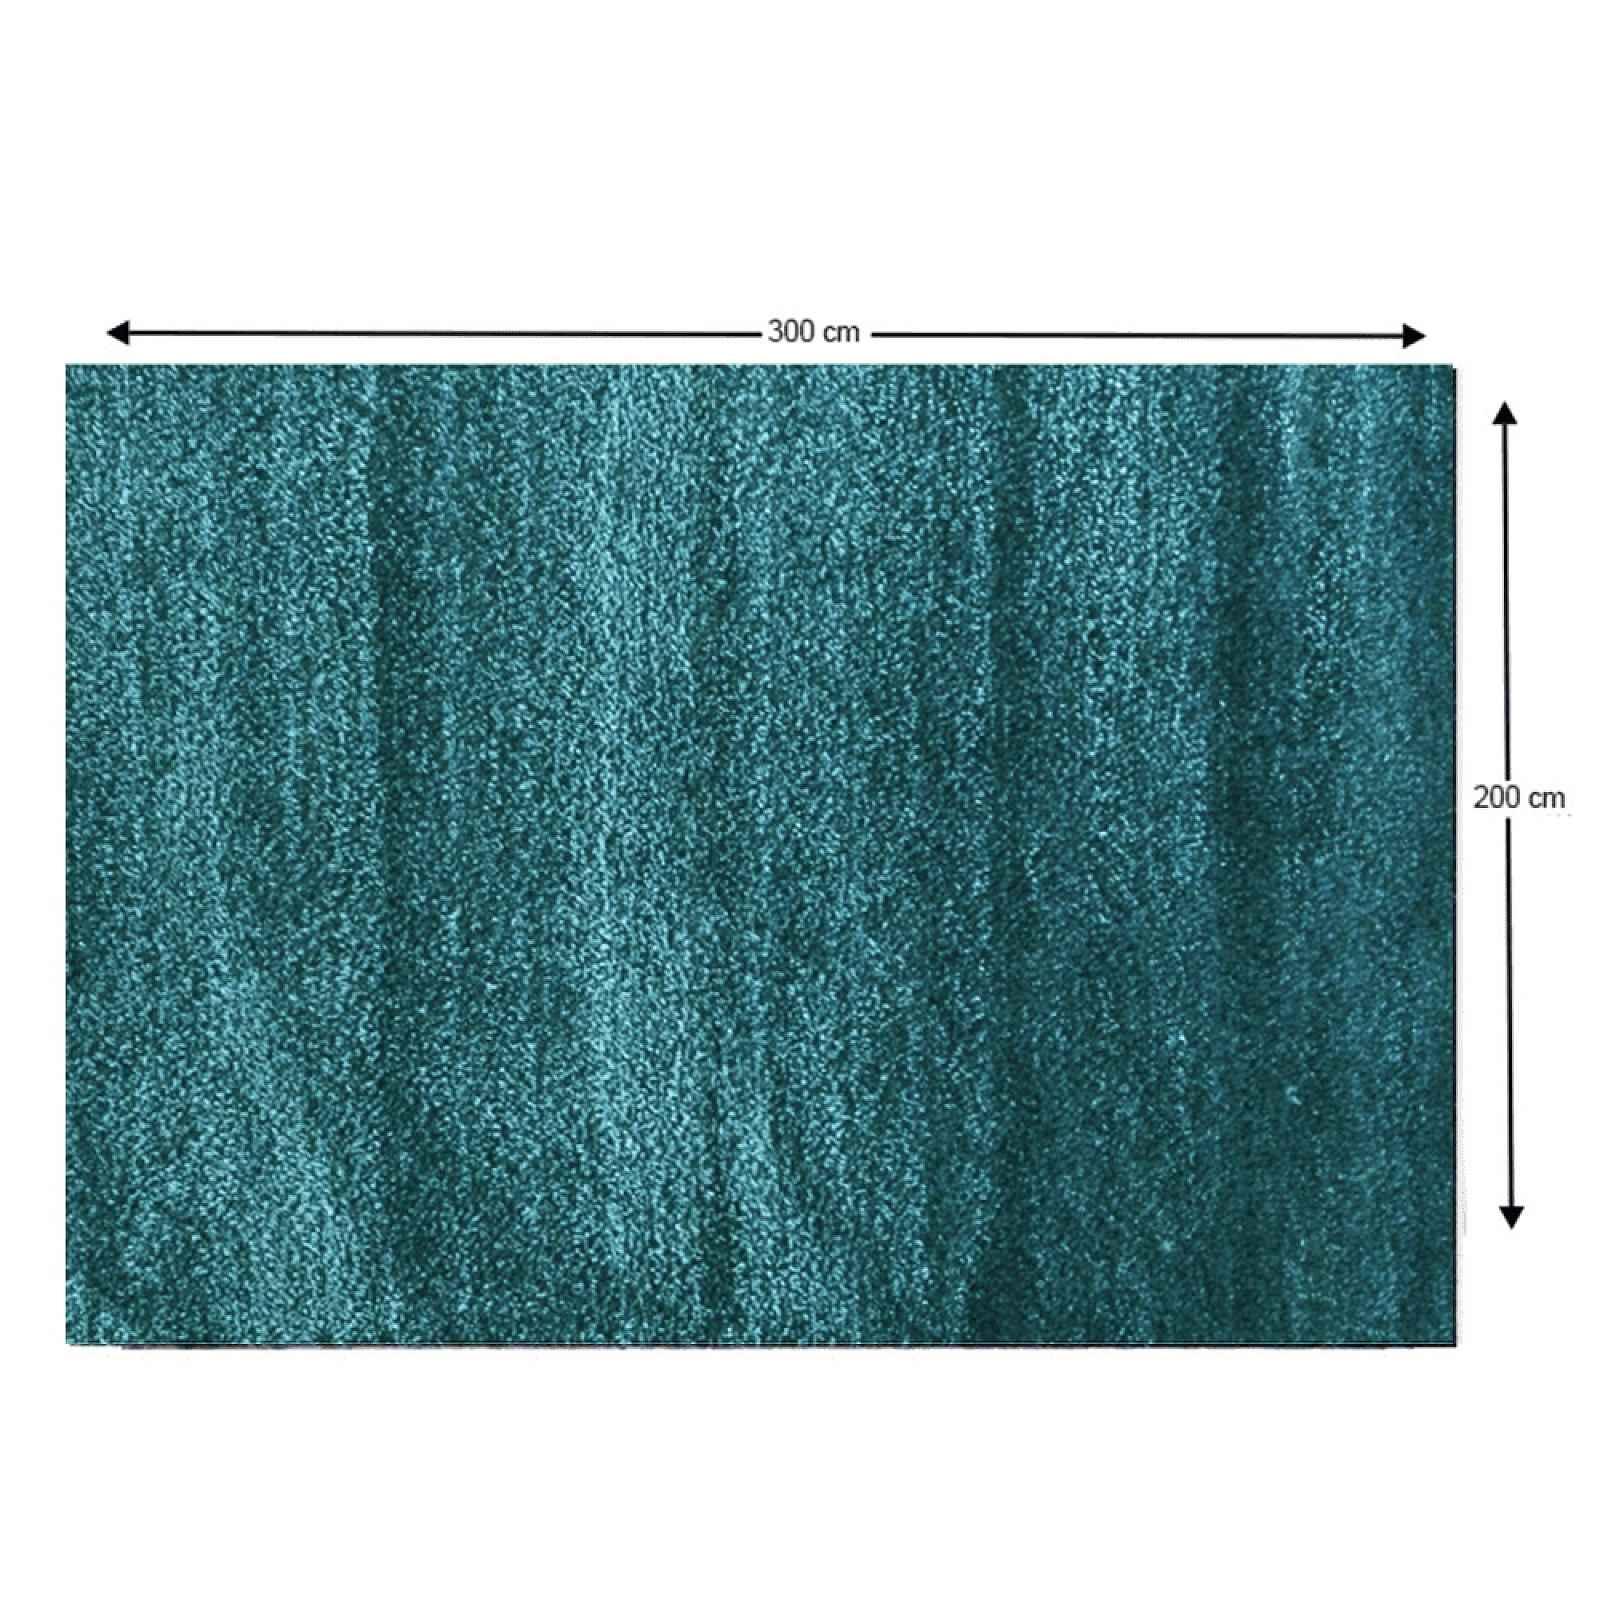 Shaggy koberec ARUNA tyrkysová Tempo Kondela 200x300 cm